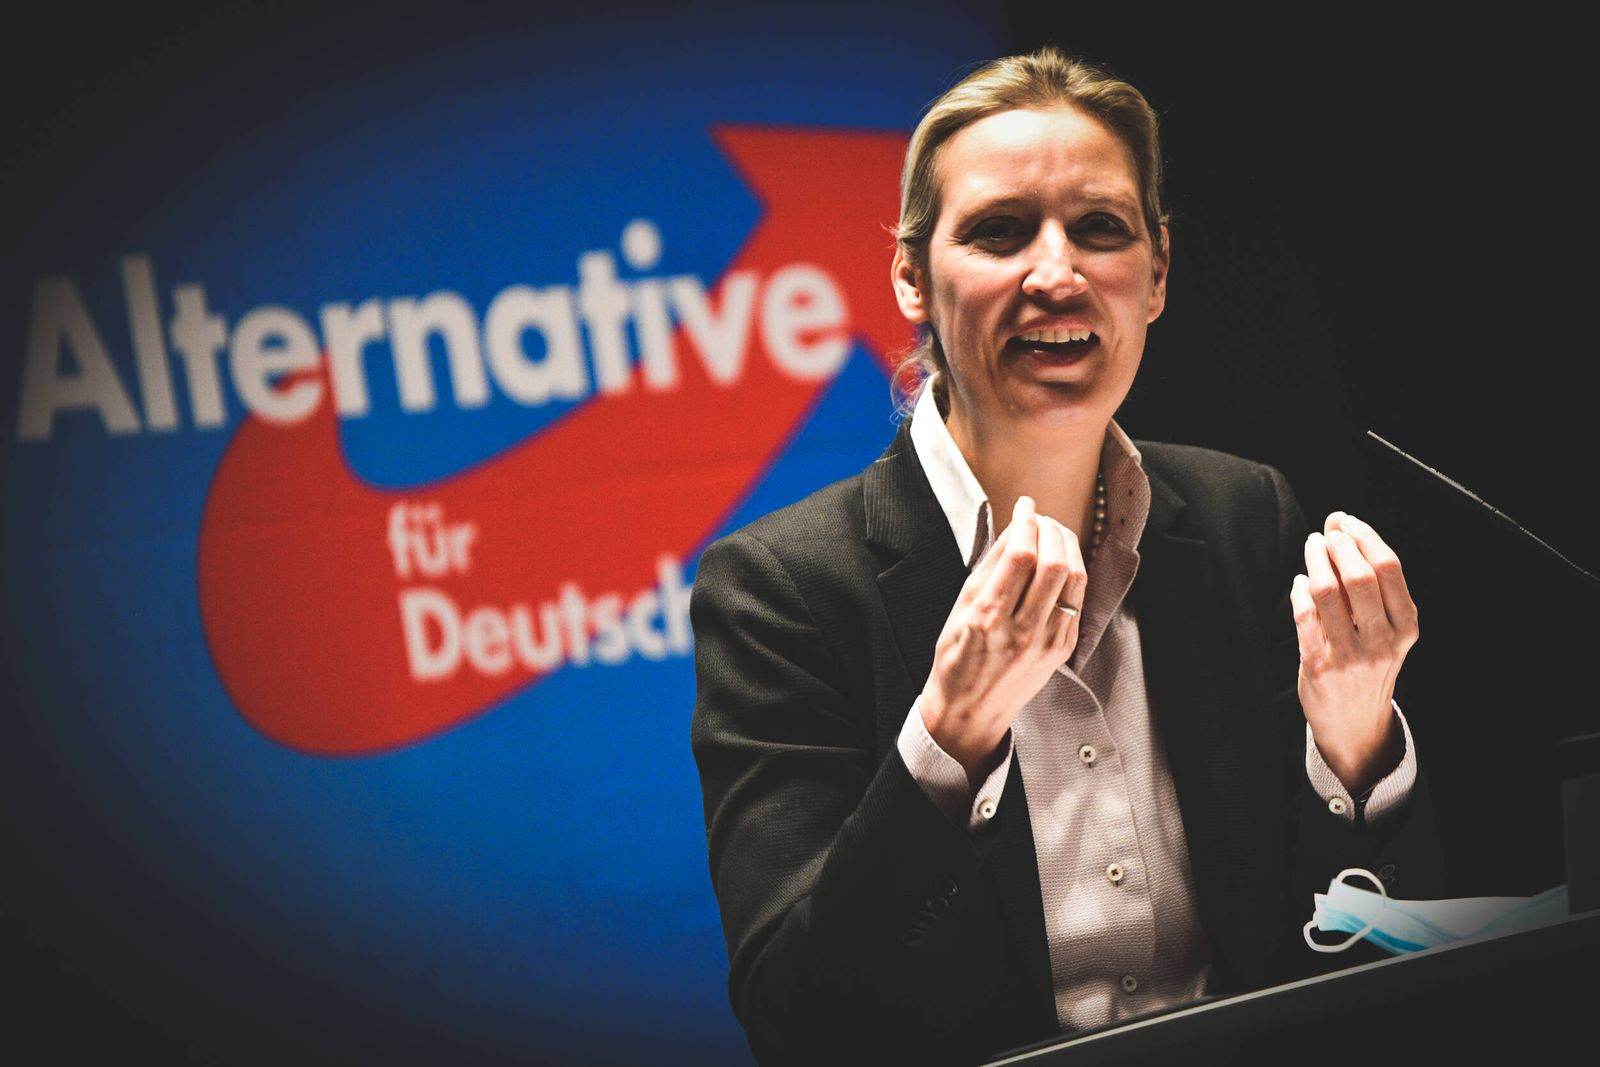 Wahlkampf AfD Alice Weidel, 24.01.2021 Baden-Württemberg, Schwäbisch Gmünd: Dr. Alice Weidel, Fraktionsvorsitzende der